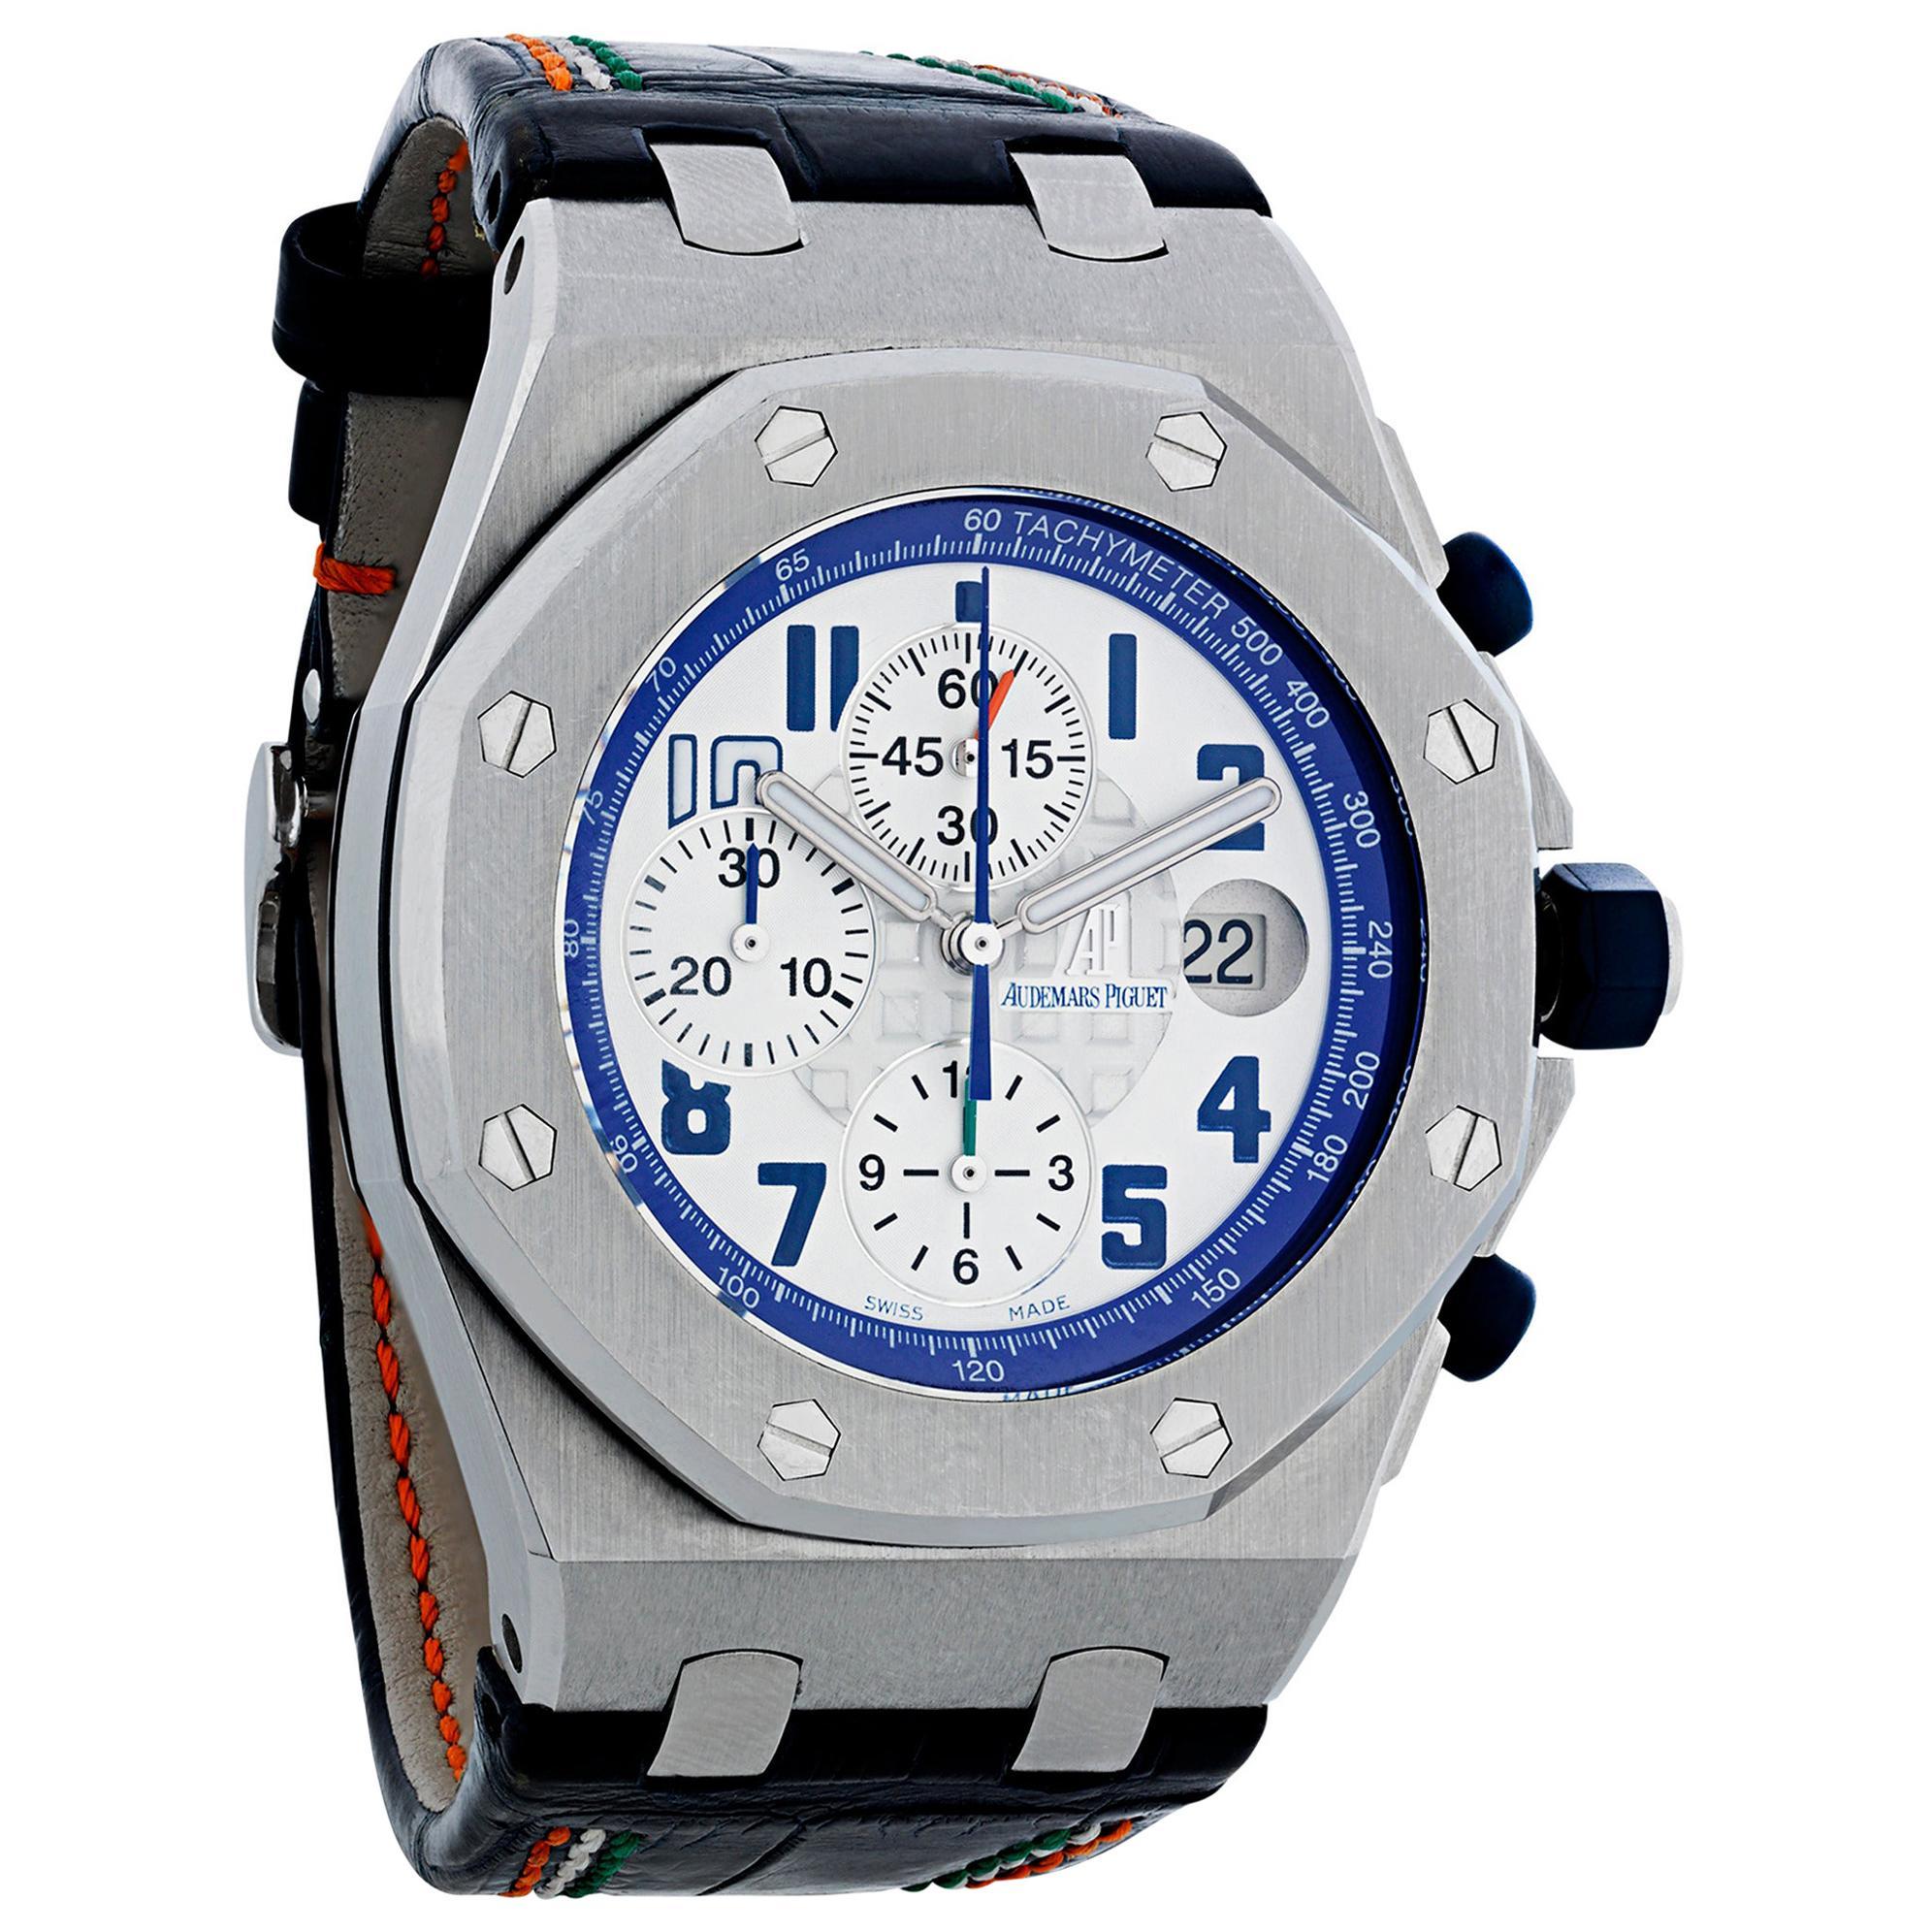 Audemars Piguet Royal Offshore Sachin Tendulkar Wristwatch